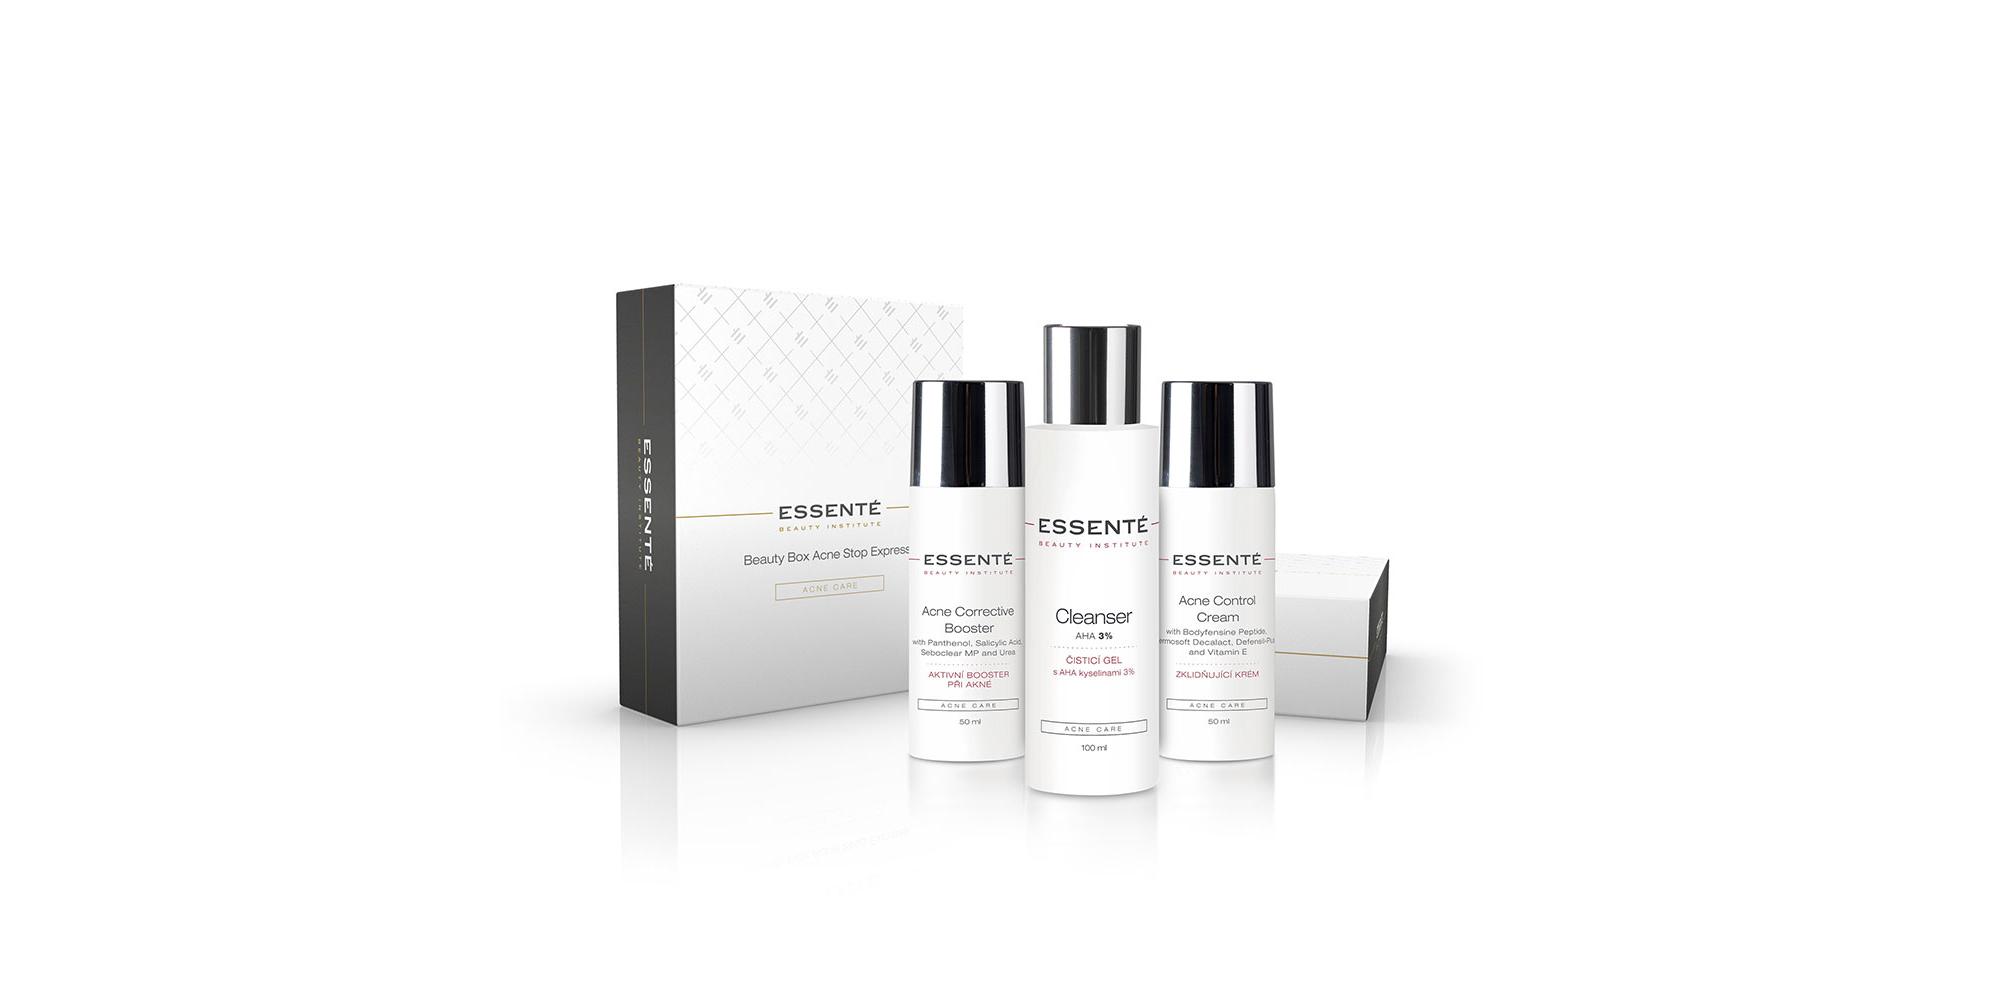 Essenté Beauty Box pro intenzivní péči při akné (Beauty Box Acne Stop Express)